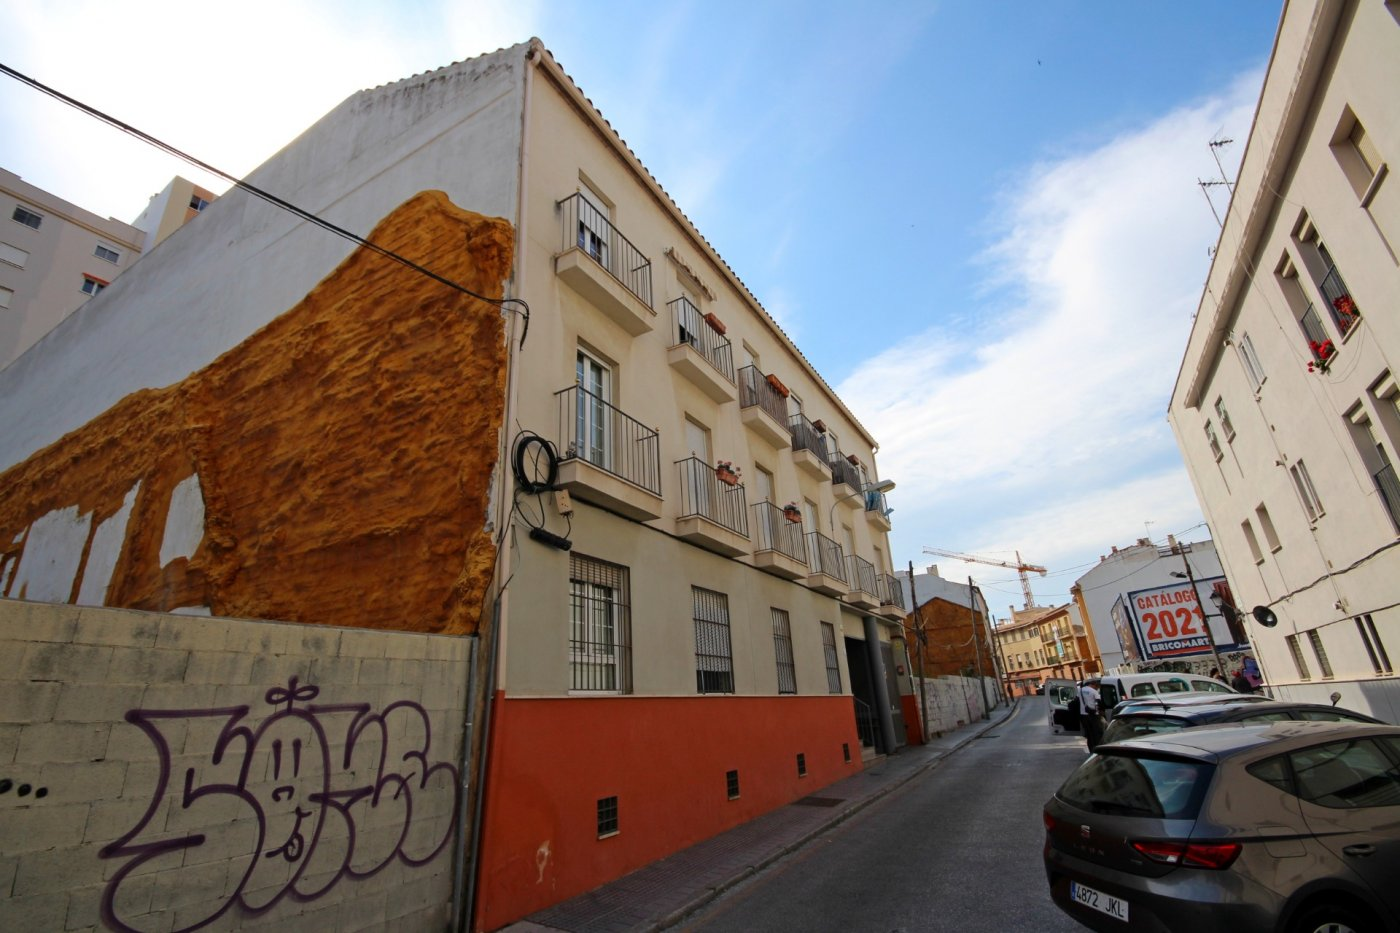 Piso dos dormitorios con garaje a un paso del centro histórico - imagenInmueble1